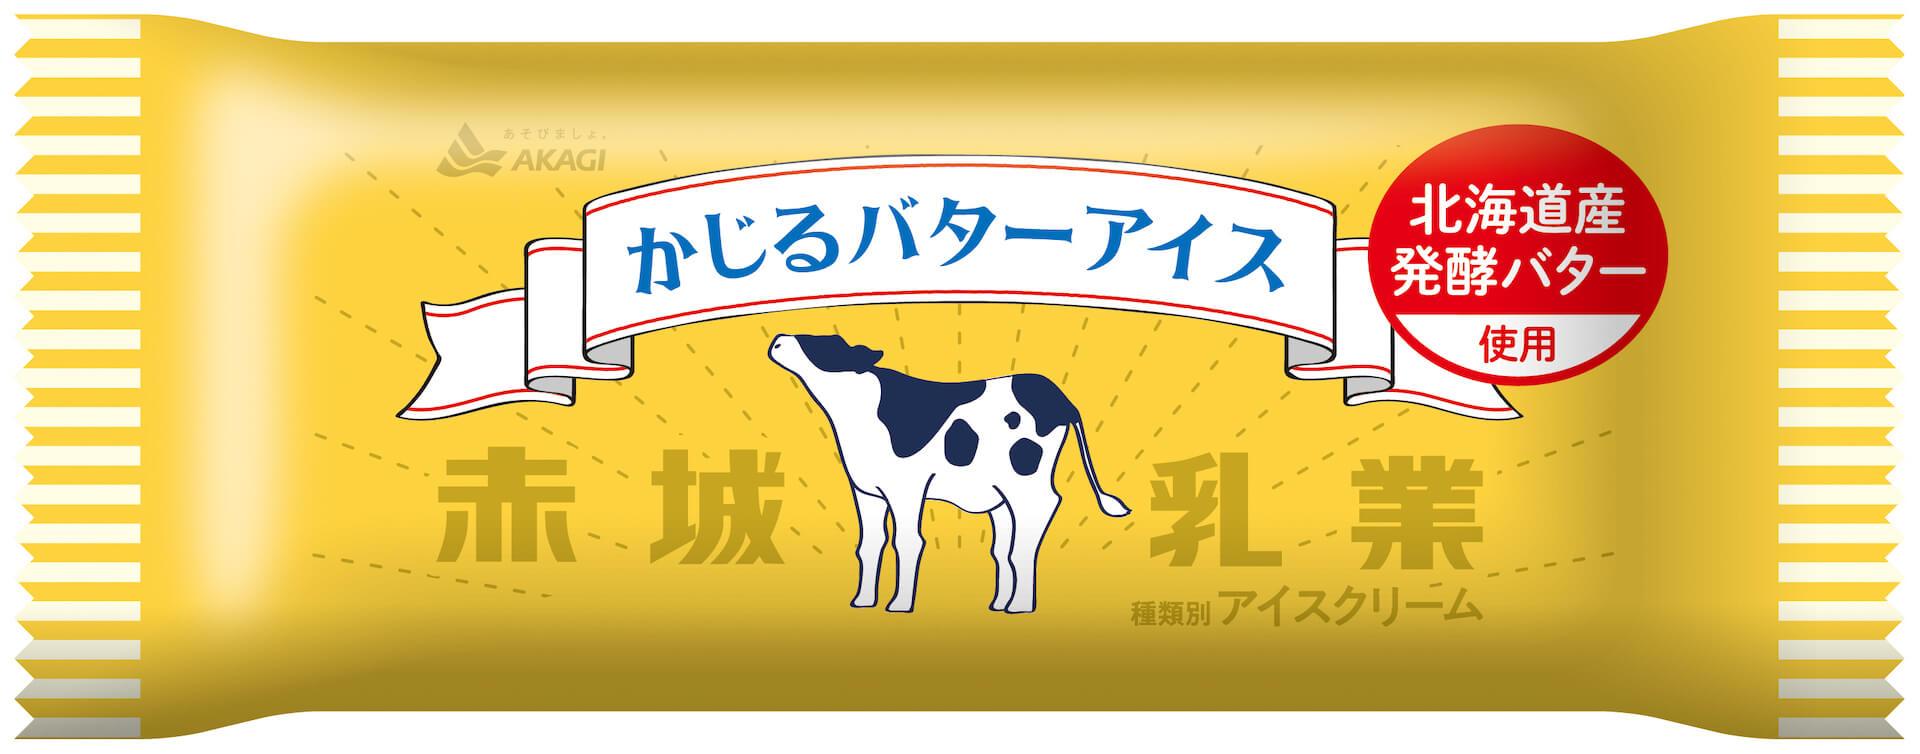 まるでバターをかじっているような感覚!?超話題の「かじるバターアイス」が数量限定で復活 gourmet210908_butterice_1